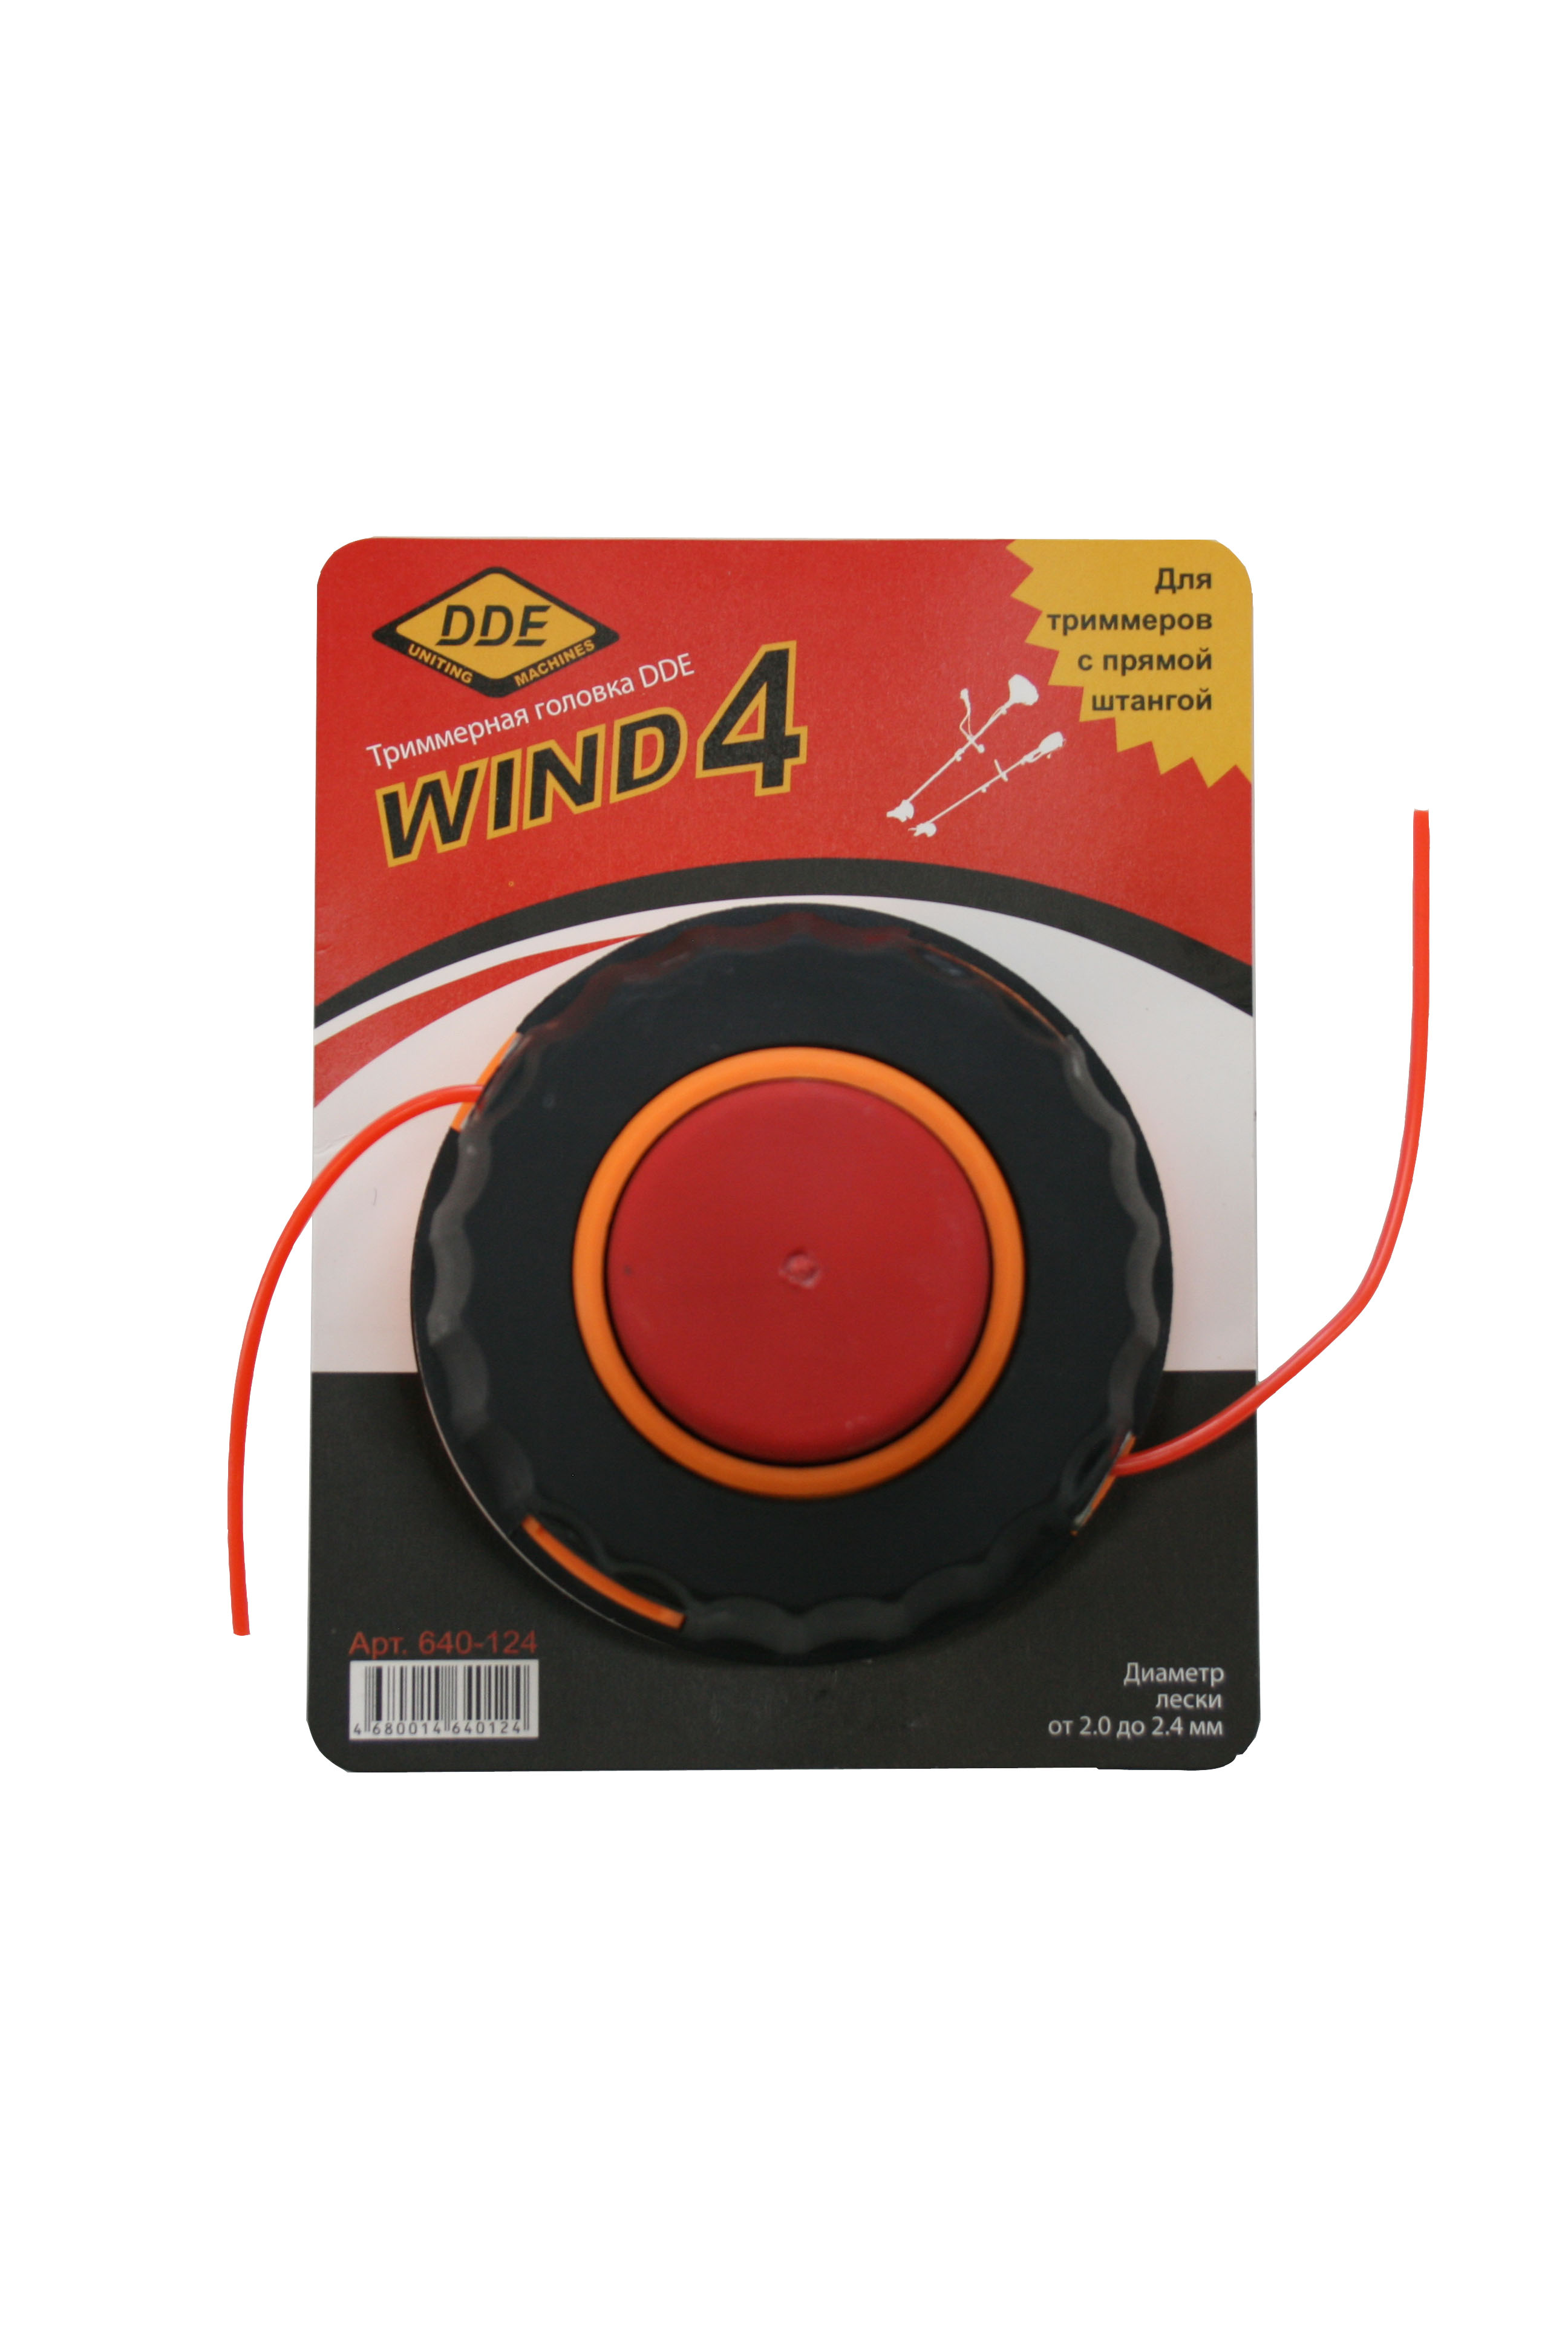 Режущая головка для кос Dde Wind4 головка для дисковода красноярск